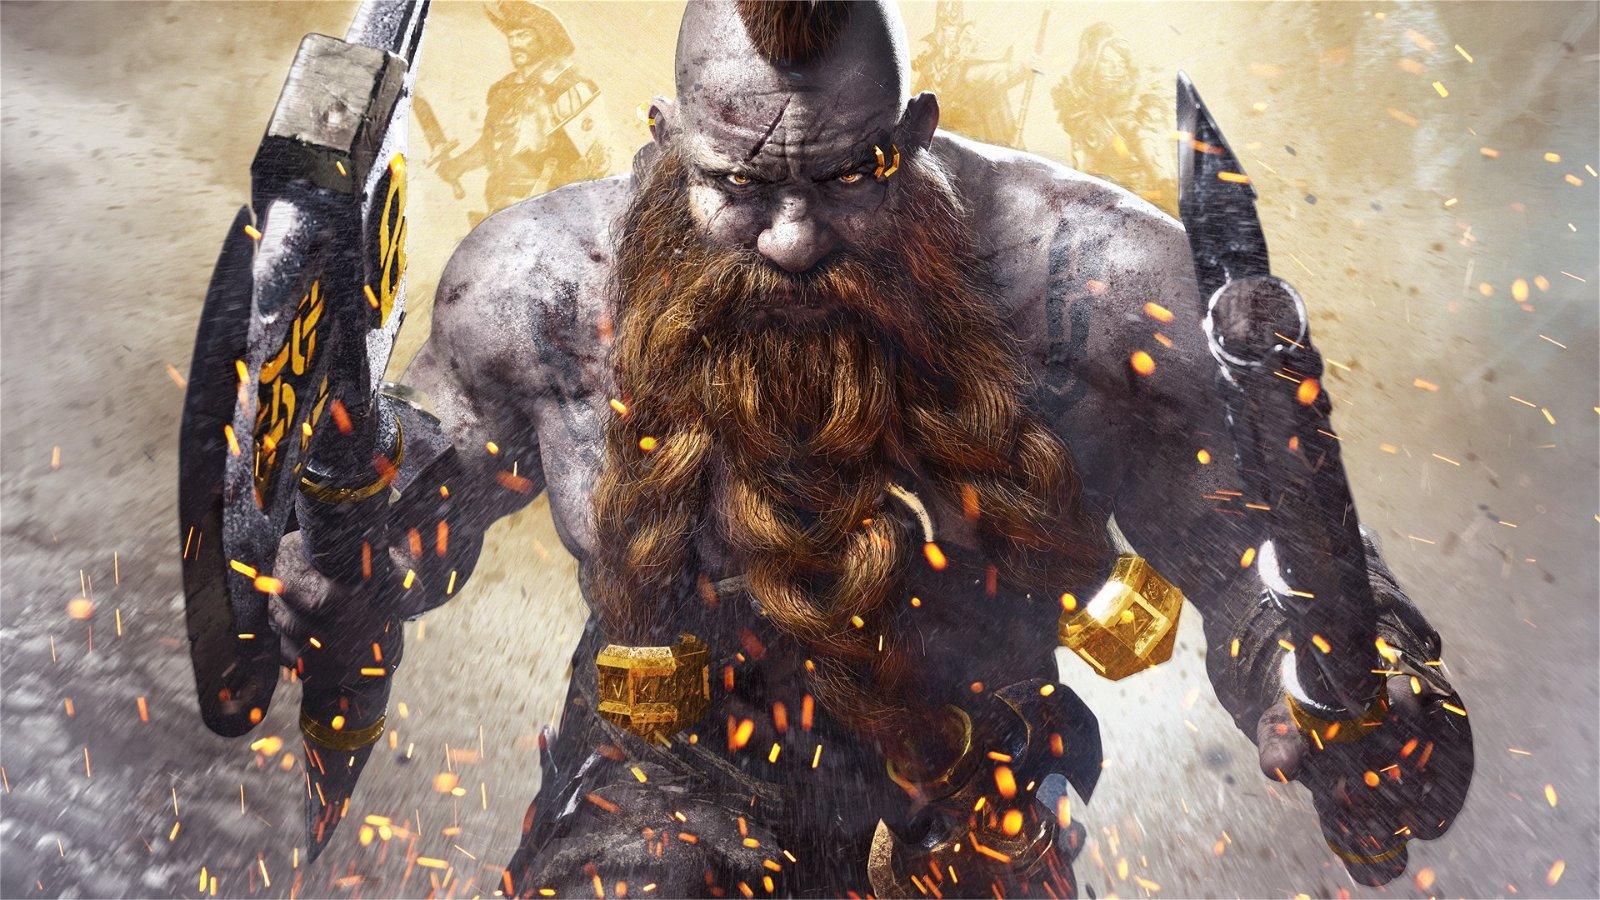 Warhammer Chaosbane Slays On Next-Gen 1